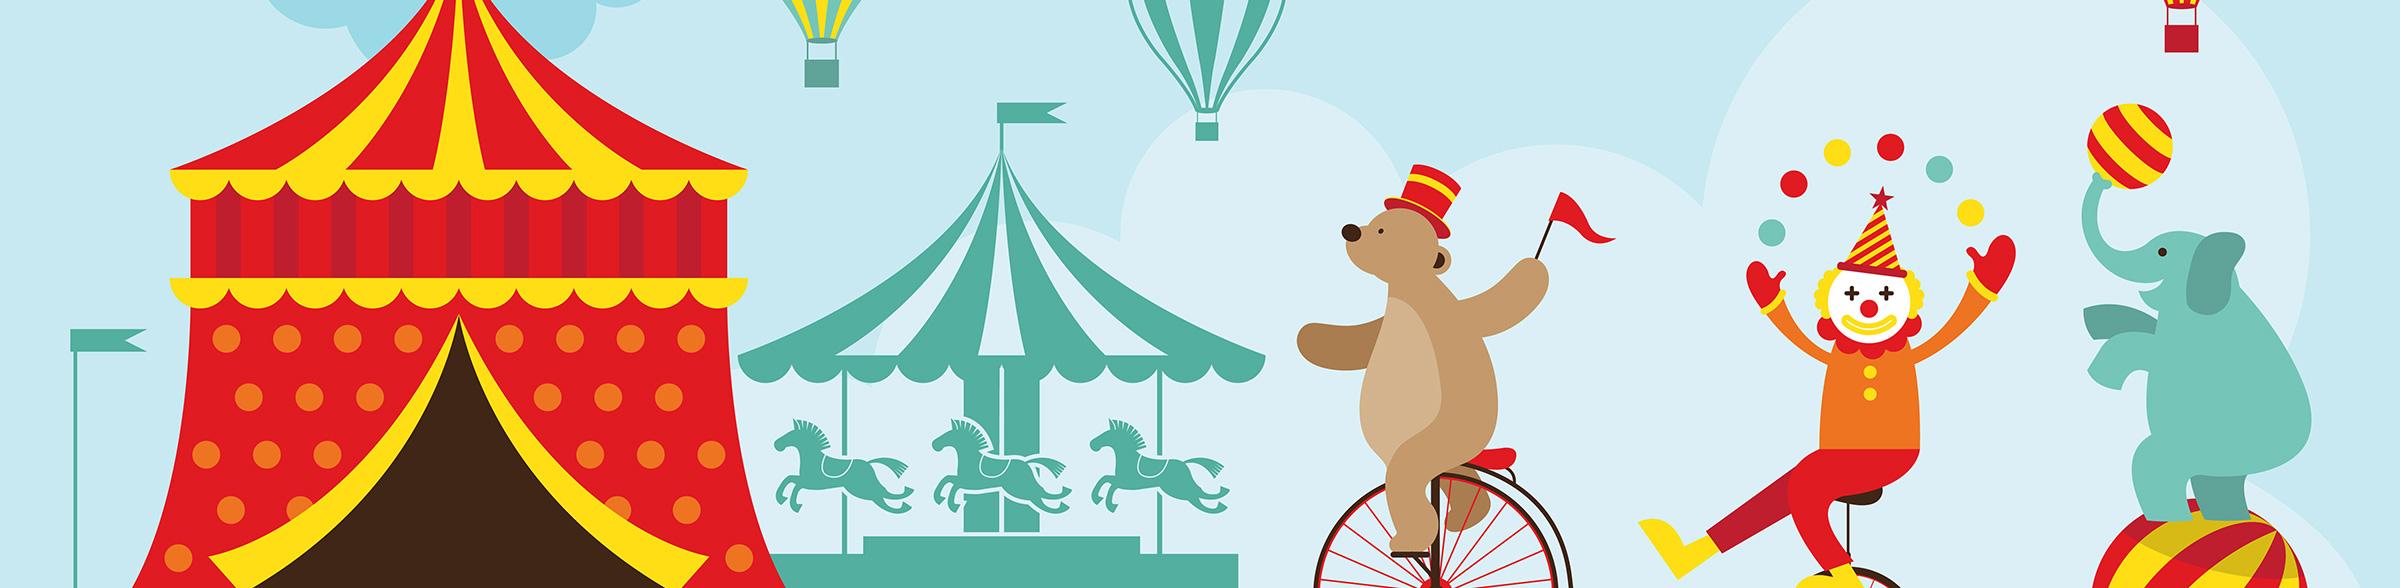 Cartoon of a Circus